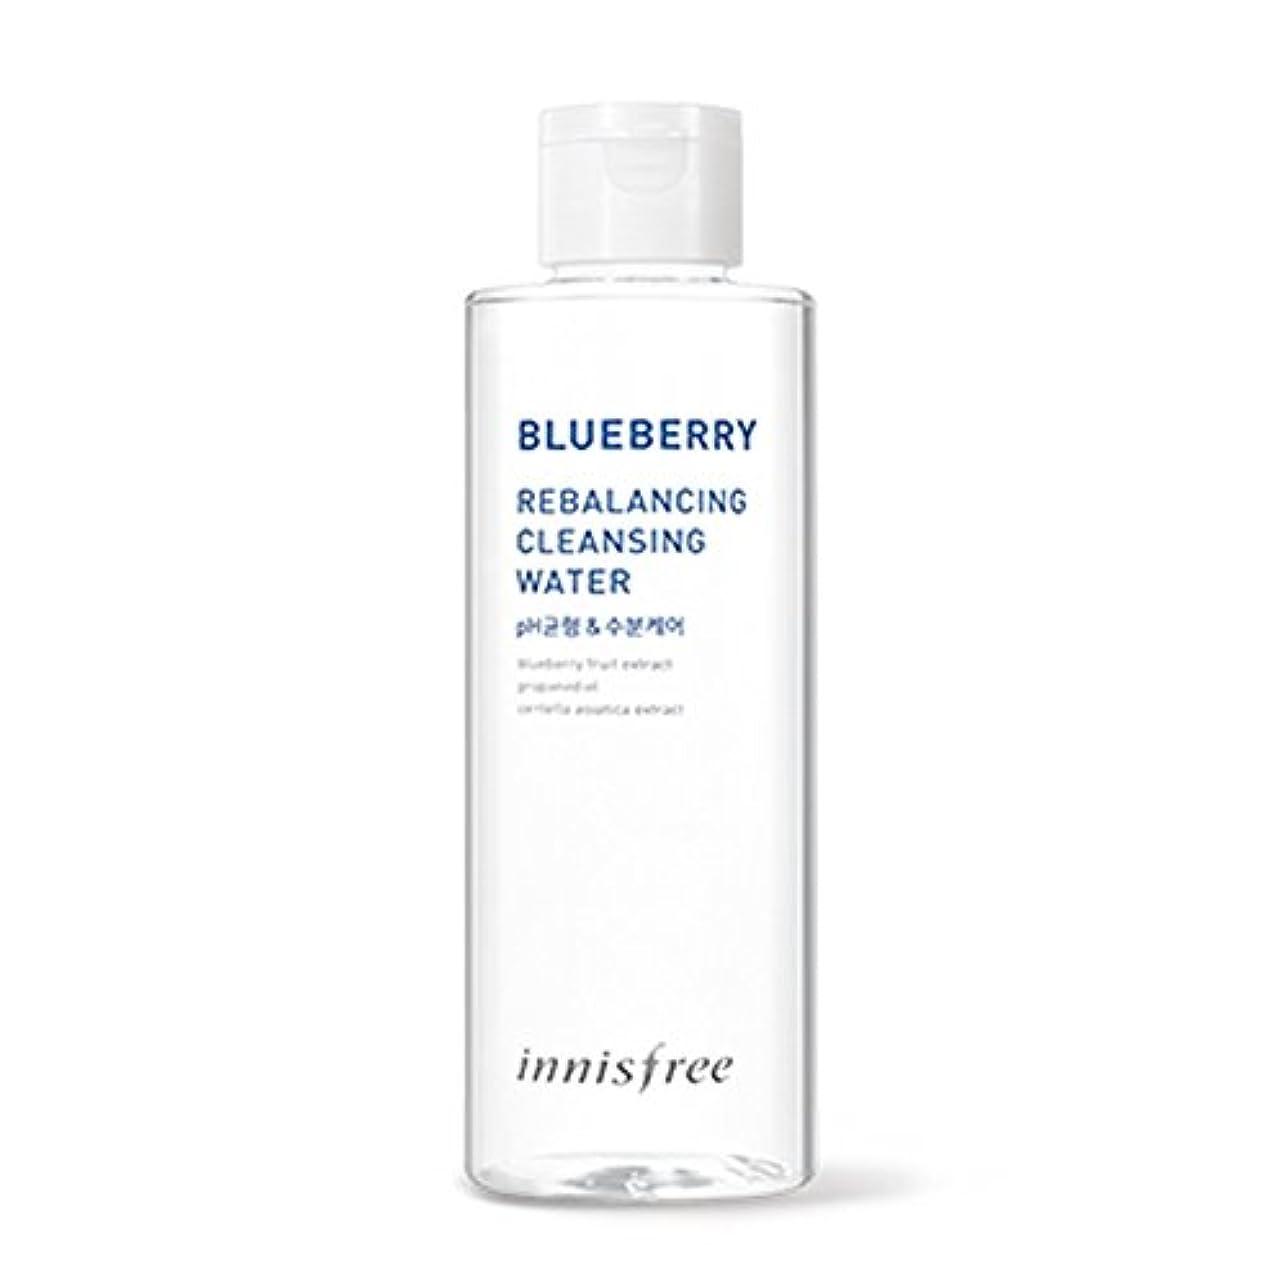 規則性ドールフォークイニスフリーブルーベリーリバランシングクレンジングウォーター200ml Innisfree Blueberry Rebalancing Cleansing Water 200ml [海外直送品][並行輸入品]